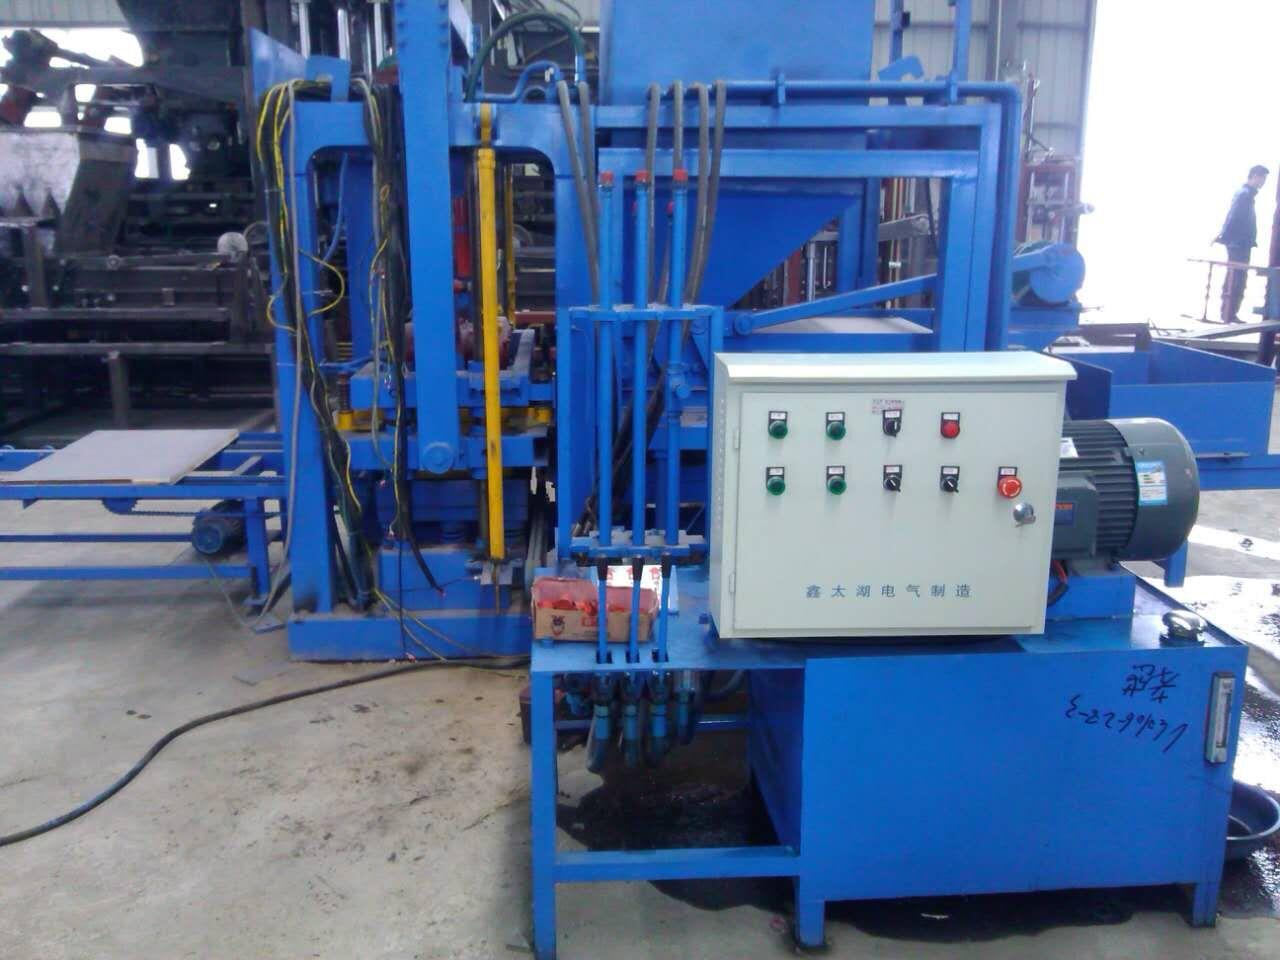 ZCJK Block machine factory (5).jpg